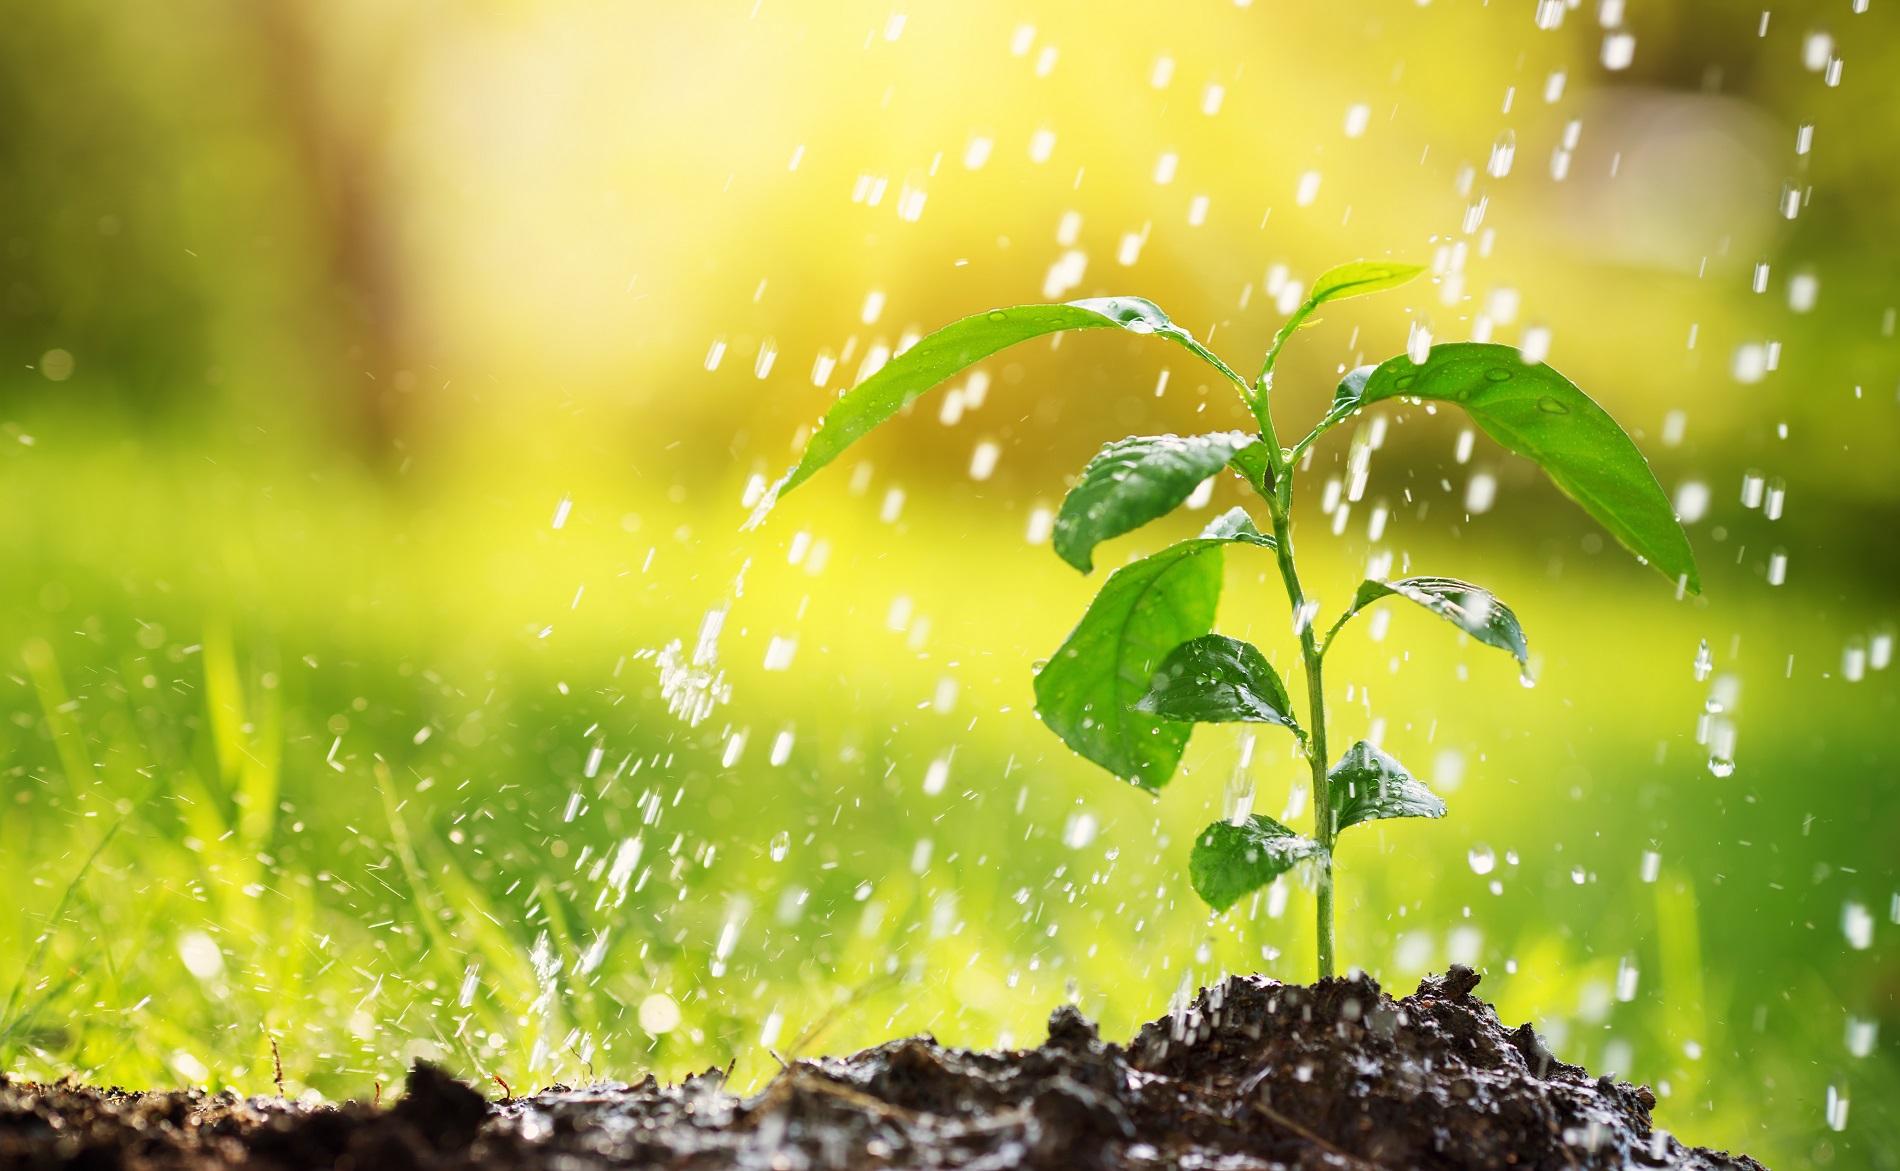 ¿A qué elementos debes prestar una mayor atención para reducir el riesgo de contaminación de aguas?